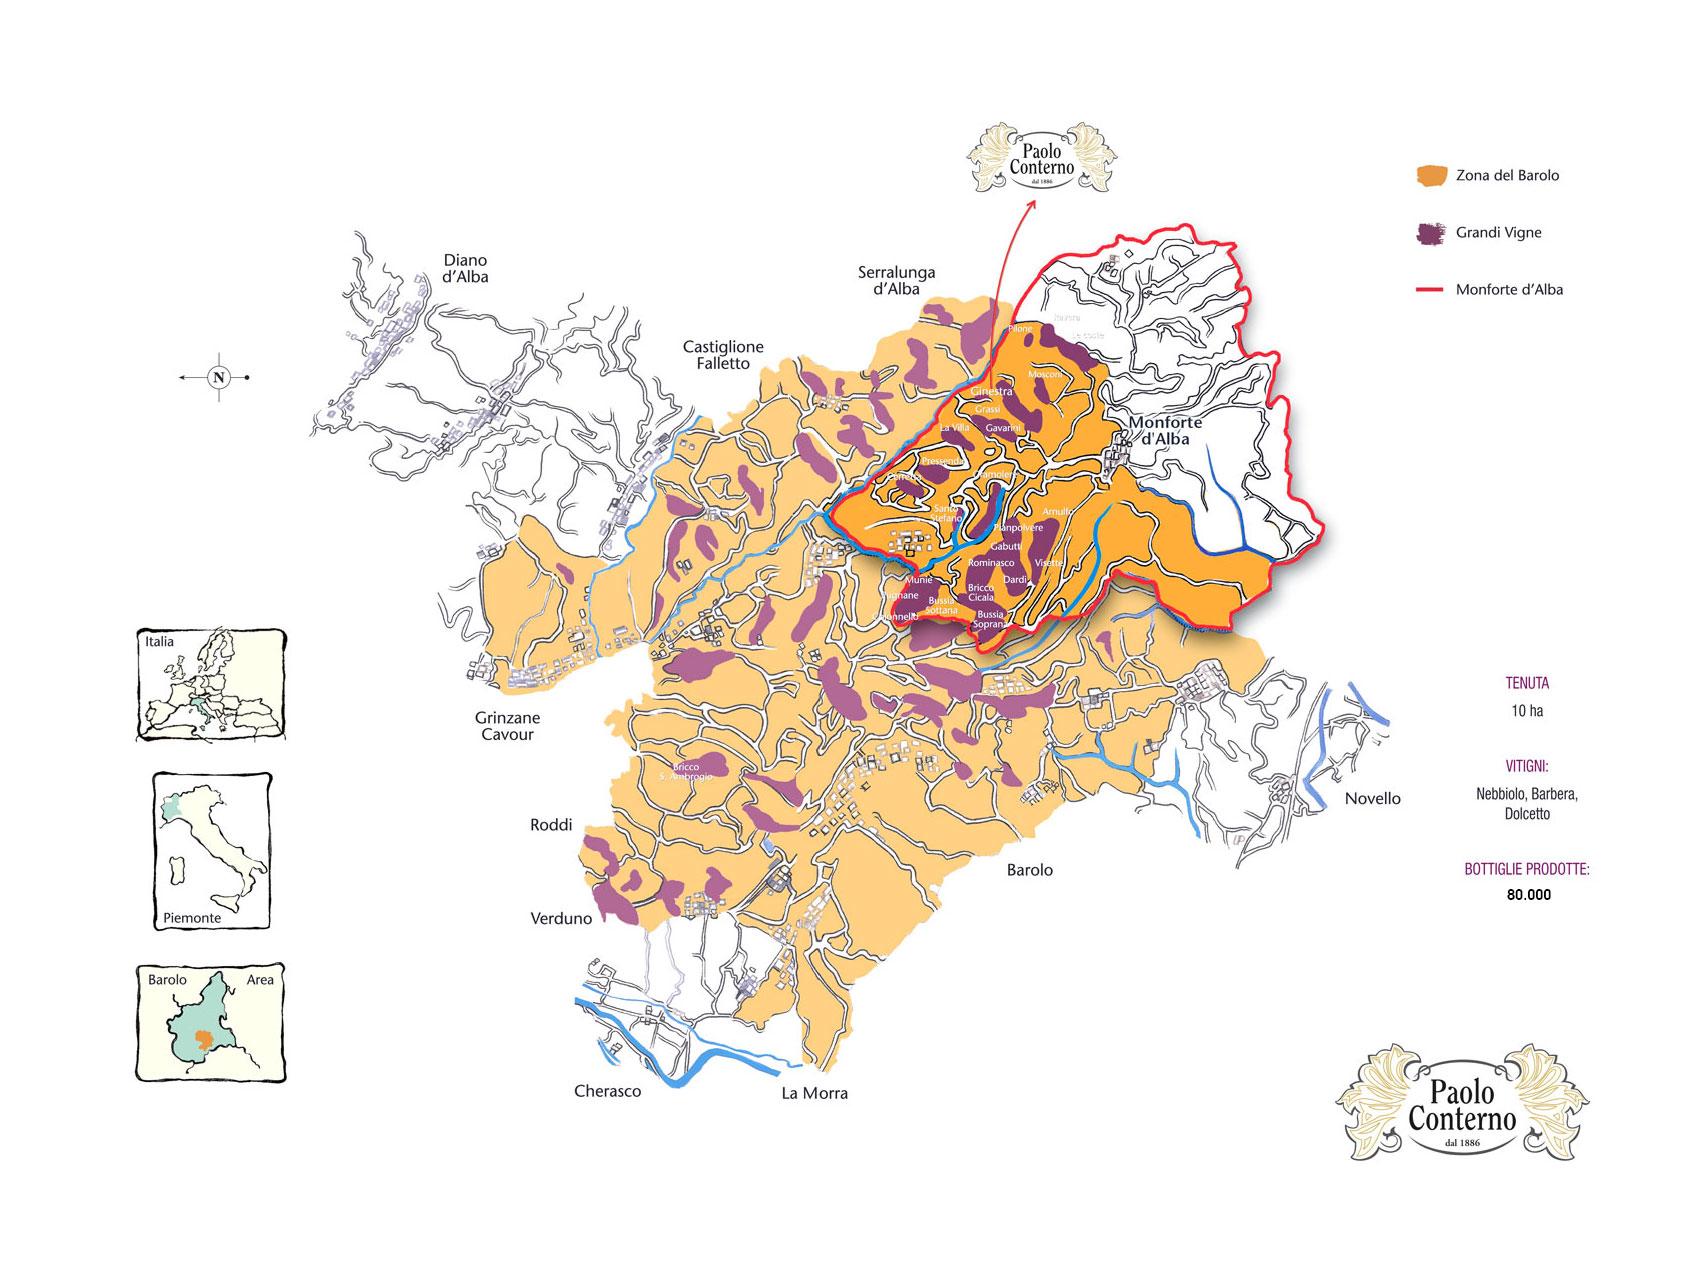 Cartina 1500.Cartina Barolo Paoloconterno 1500 Paolo Conterno Vini